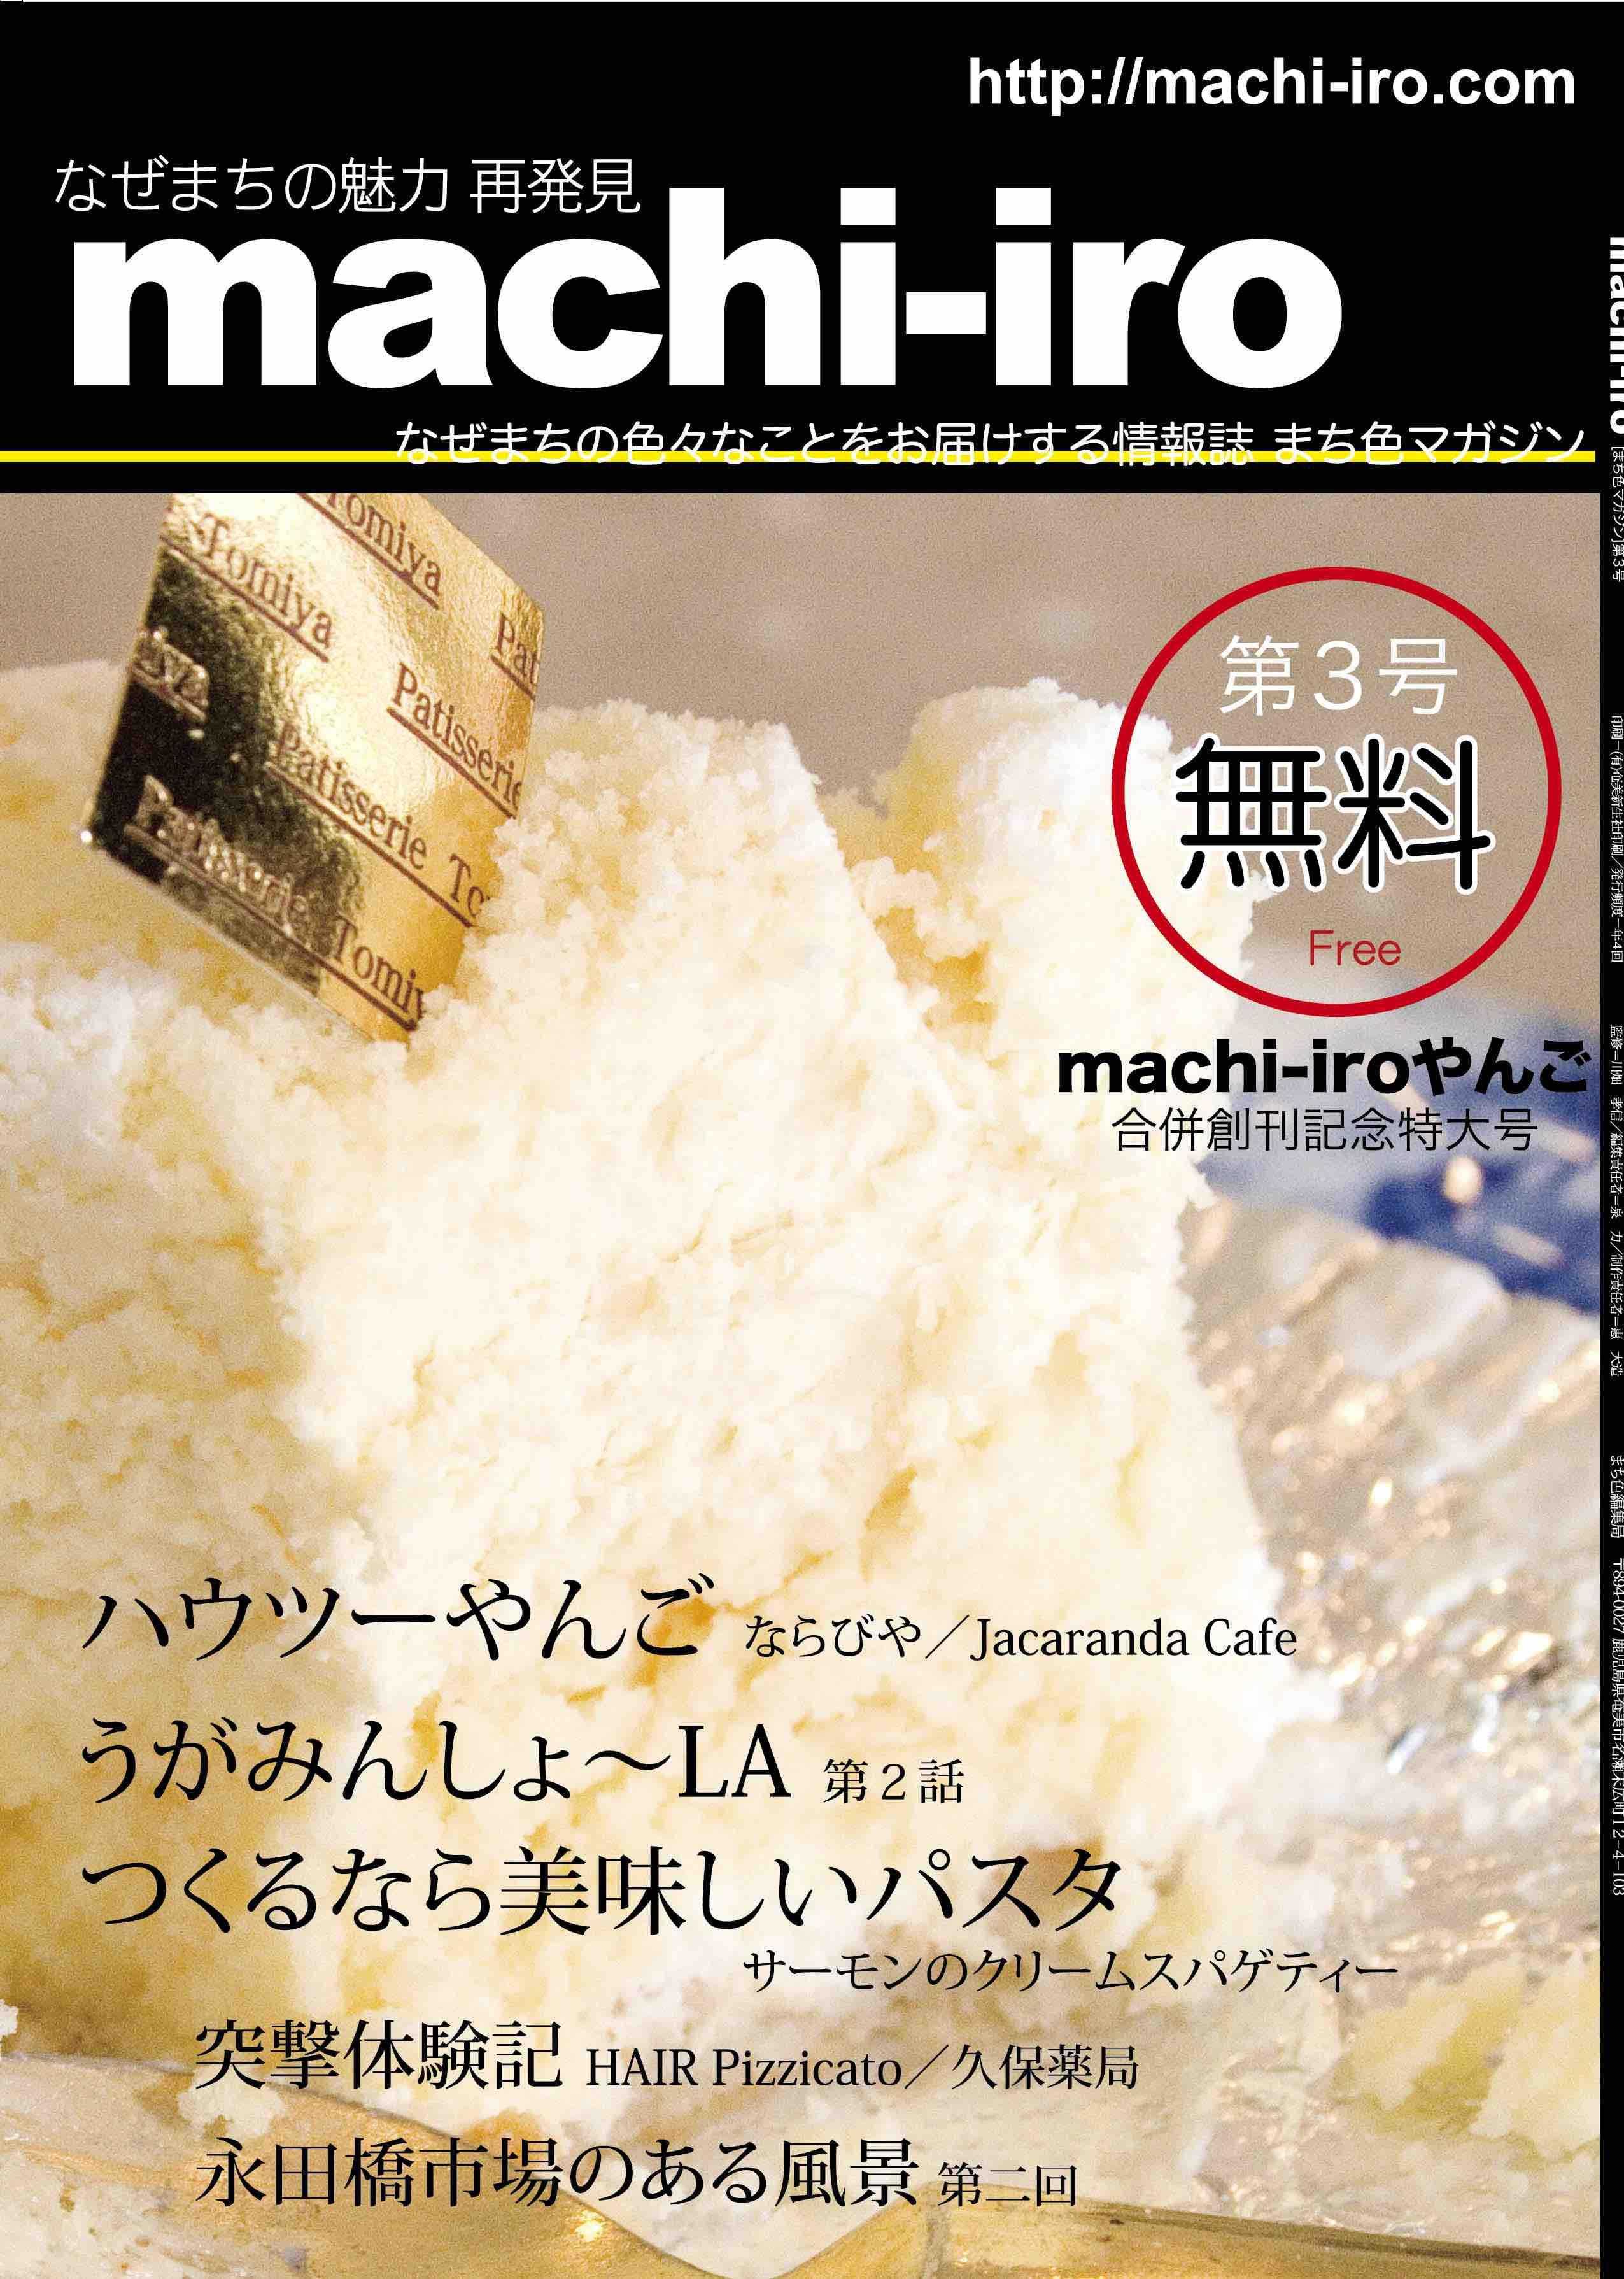 machi-iro magazine #03